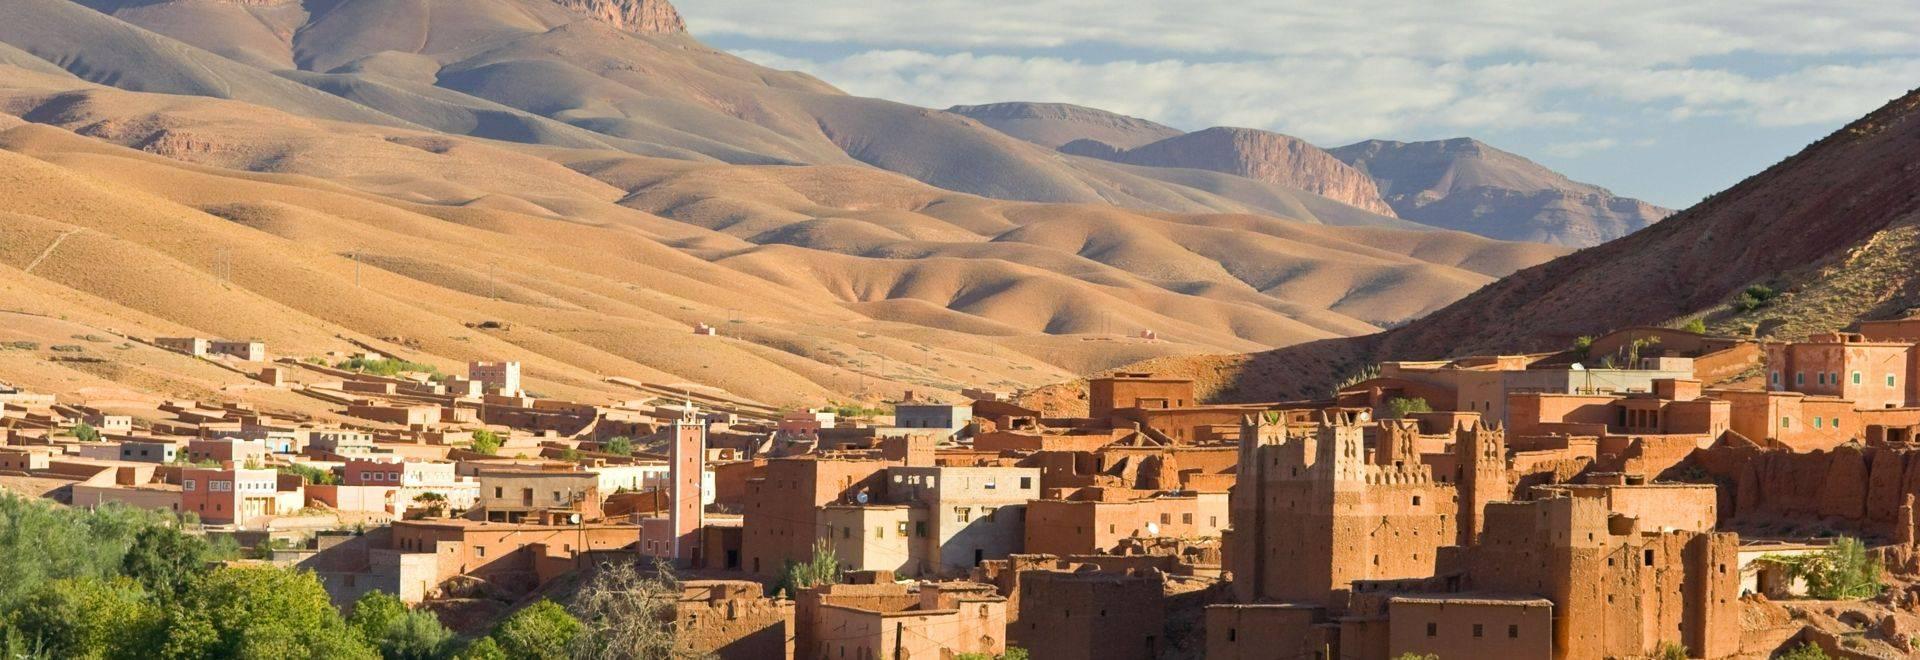 Marrakech & The Atlas Mountains